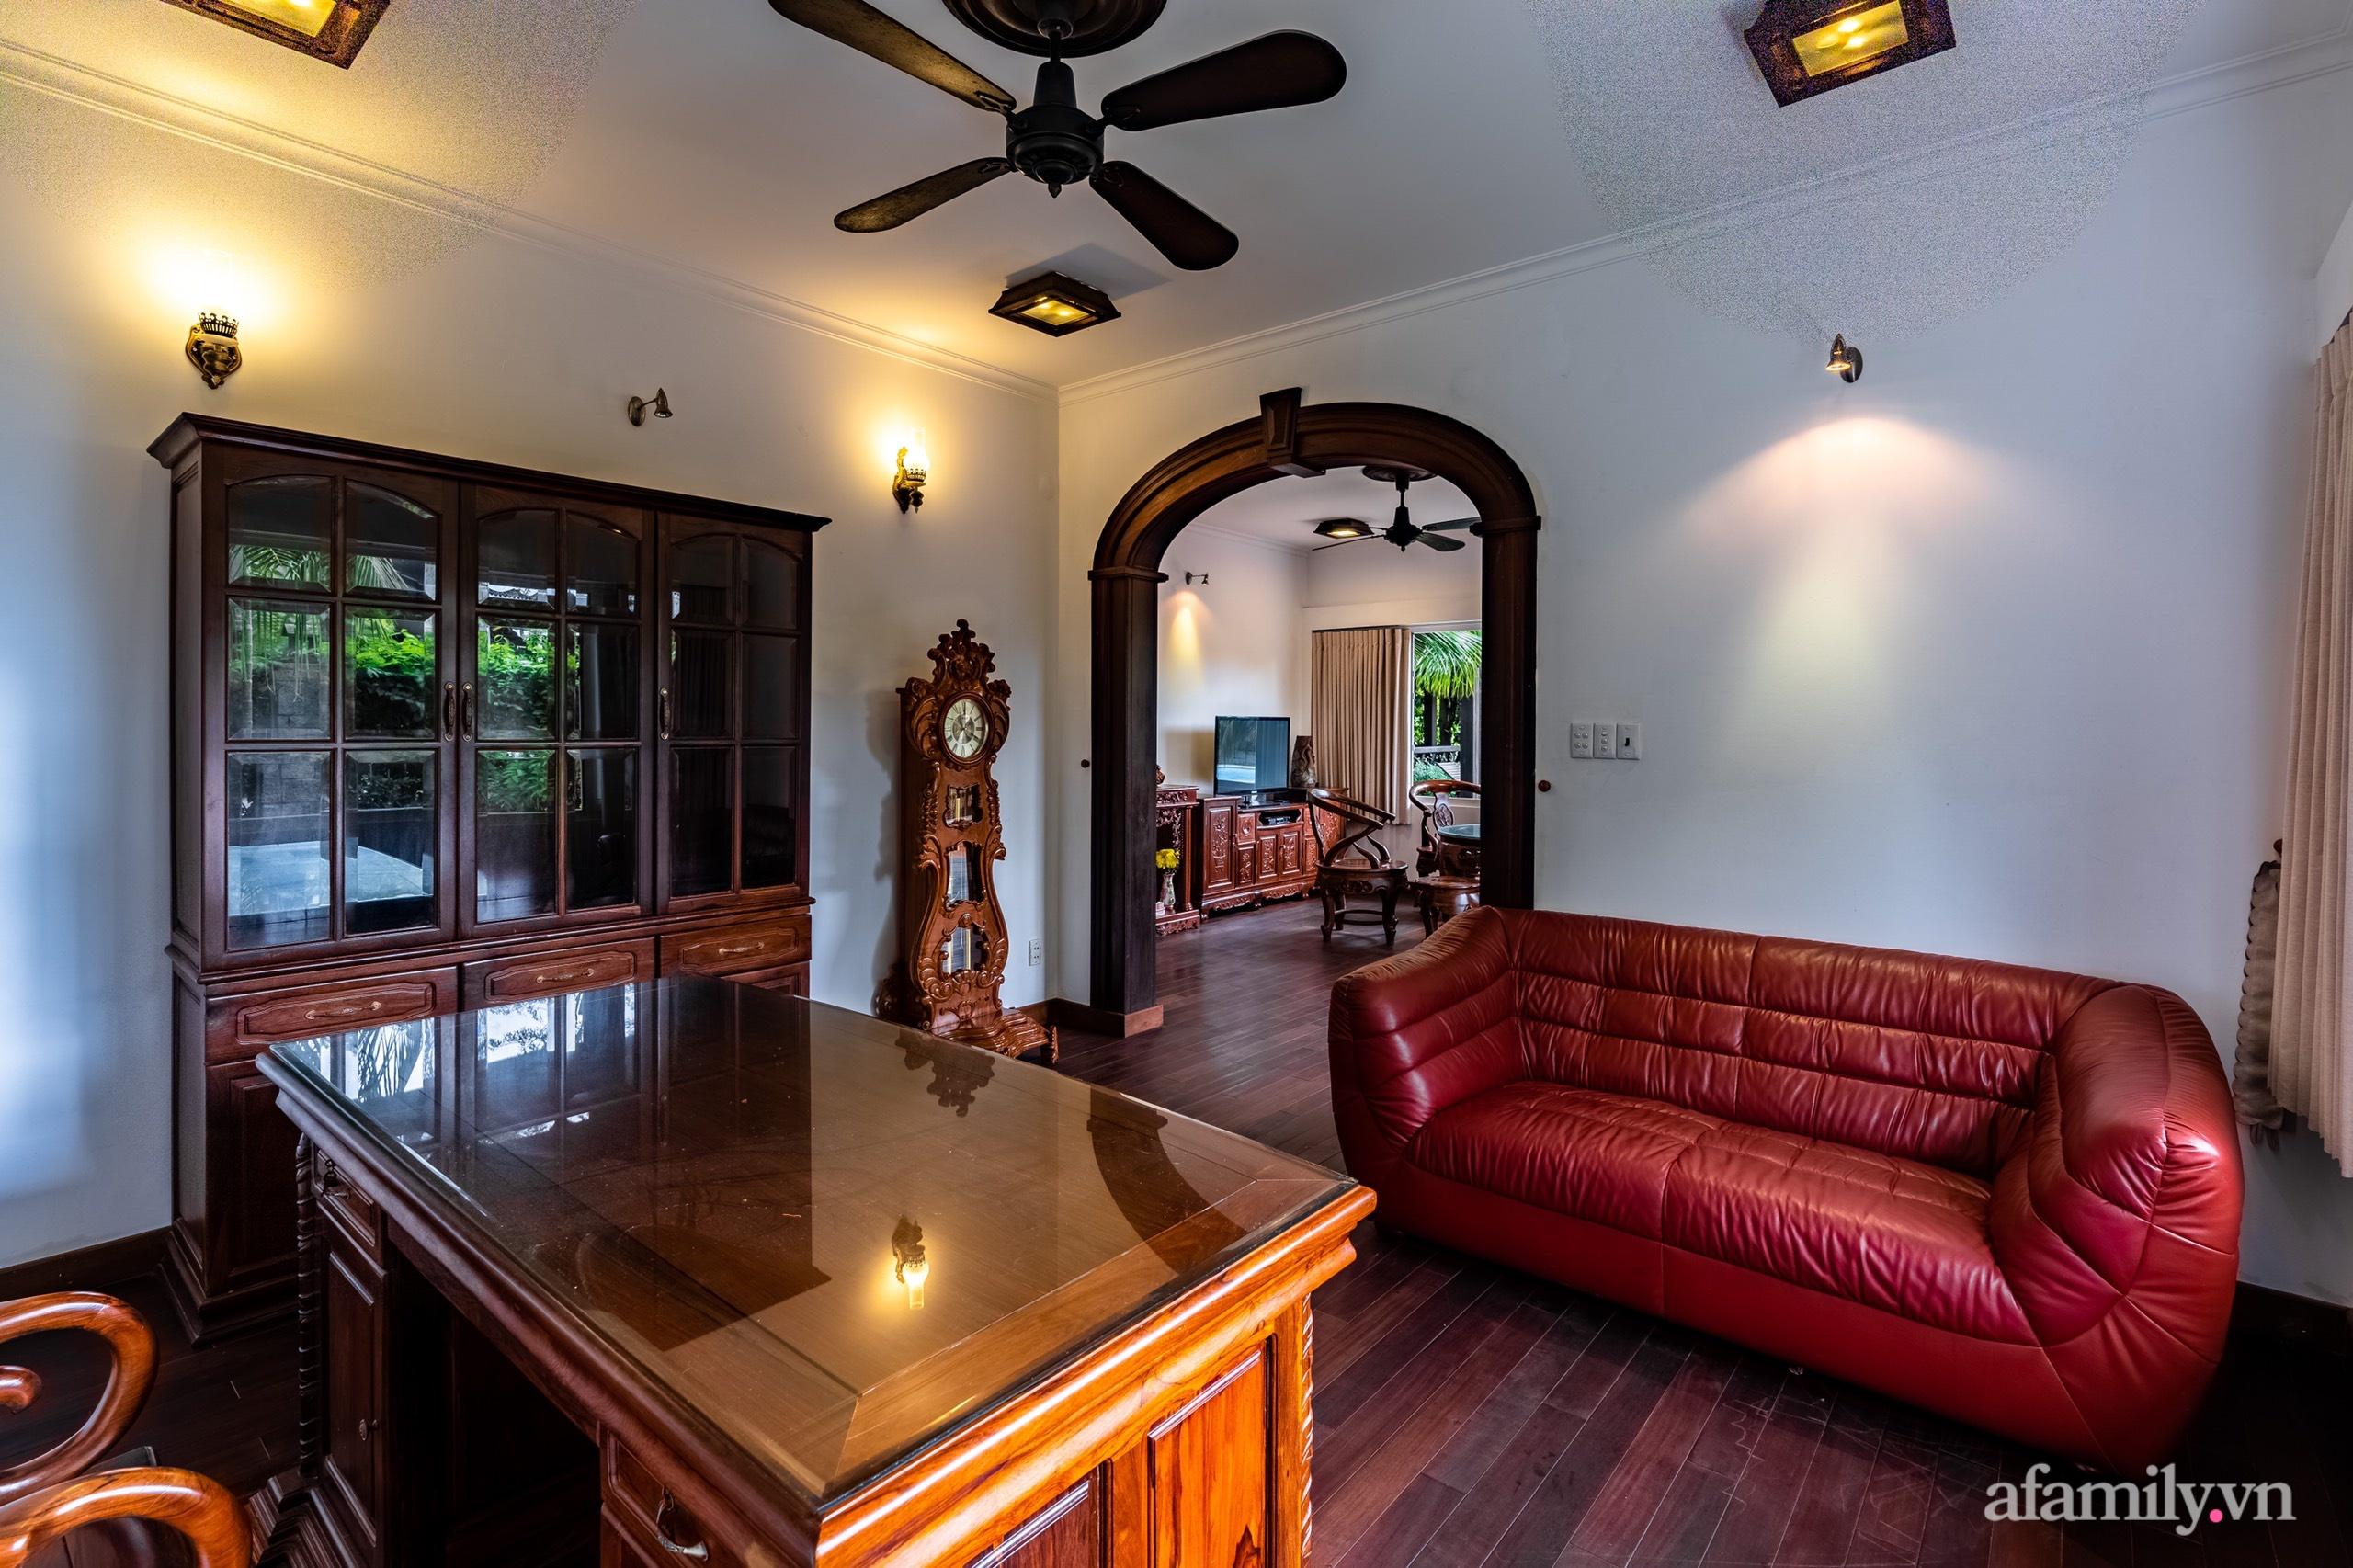 Căn nhà vườn xây 10 năm vẫn đẹp hút mắt với nội thất gỗ và cây xanh quanh nhà ở Nha Trang-14